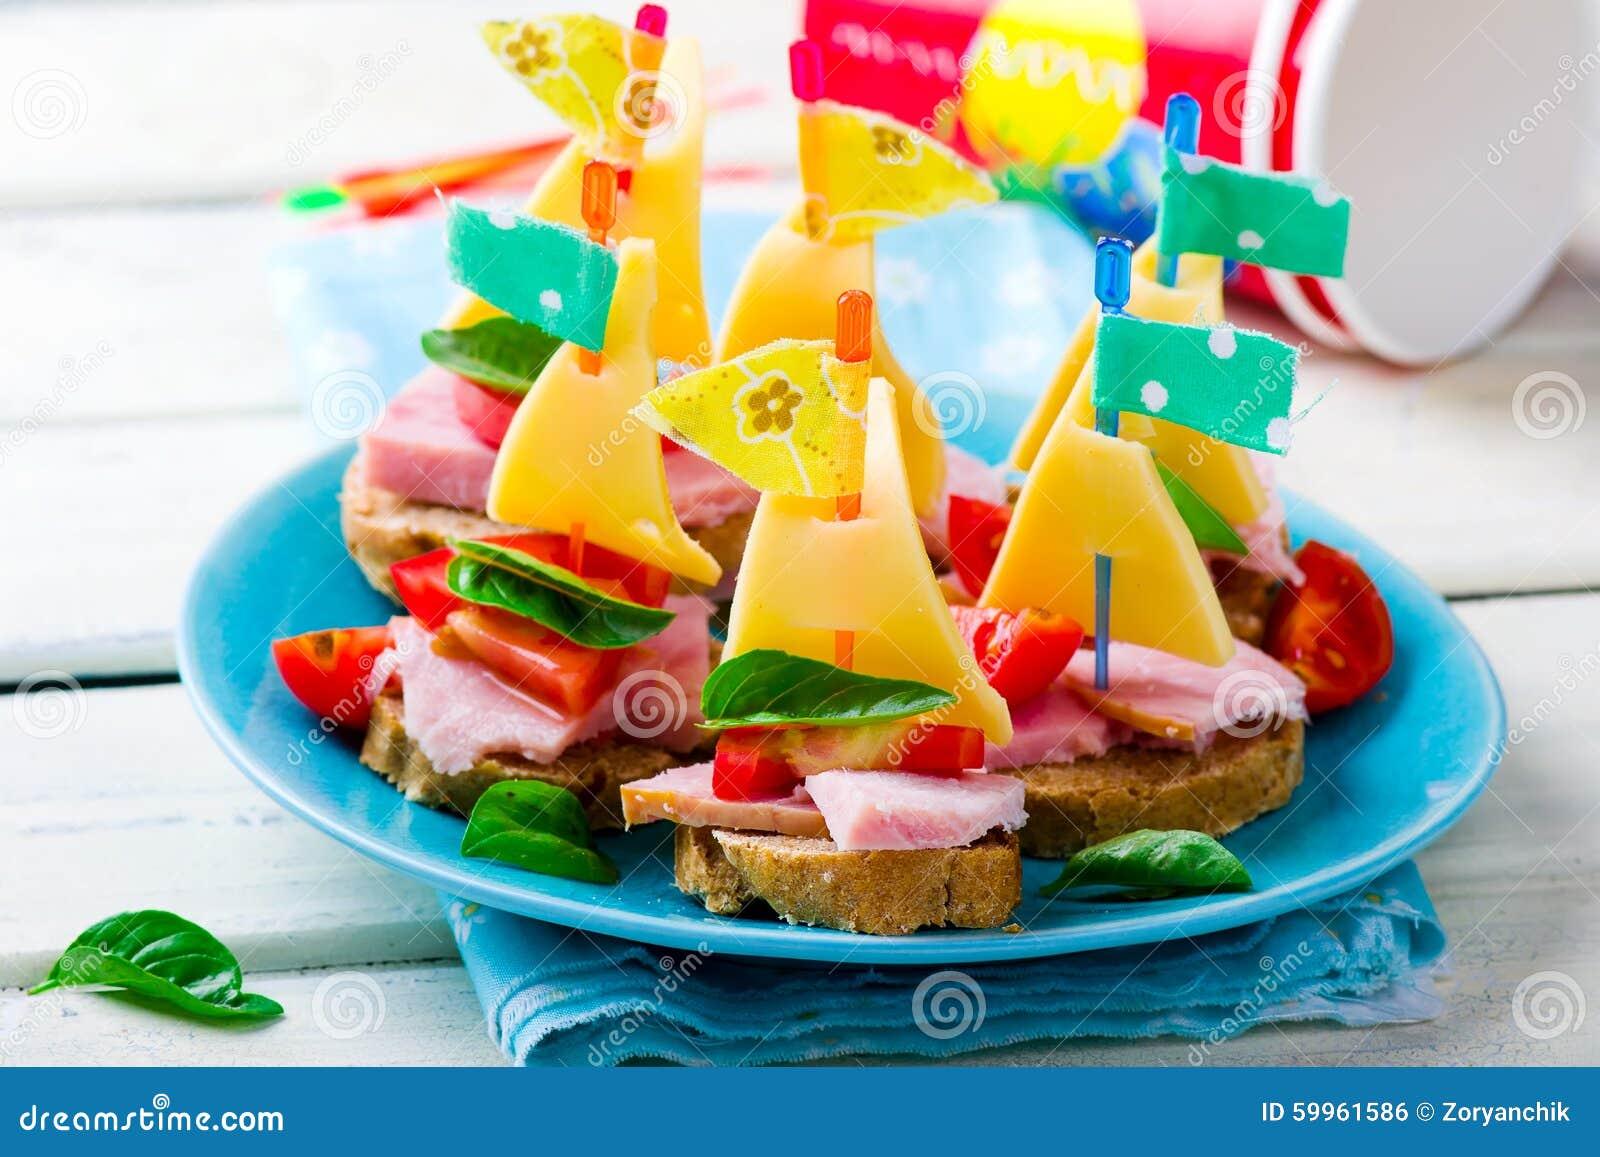 Sandwichs à jambon et à fromage sous forme de bateaux